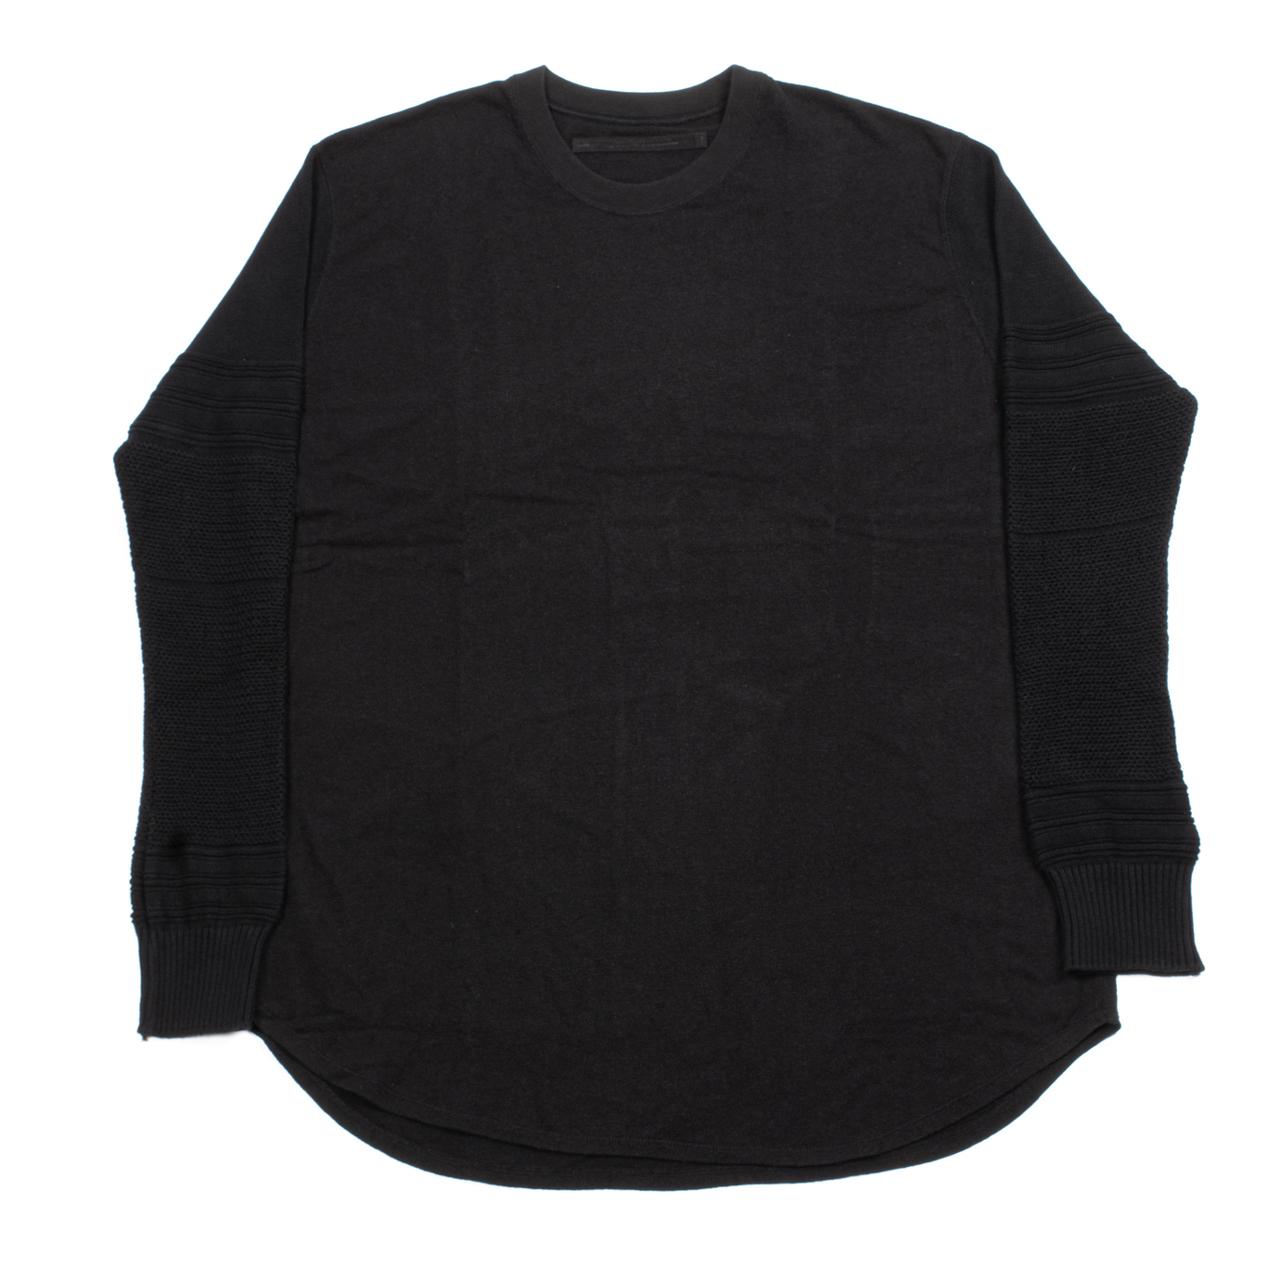 717CUM9-BLACK / ニットヘムロングスリーブTシャツ